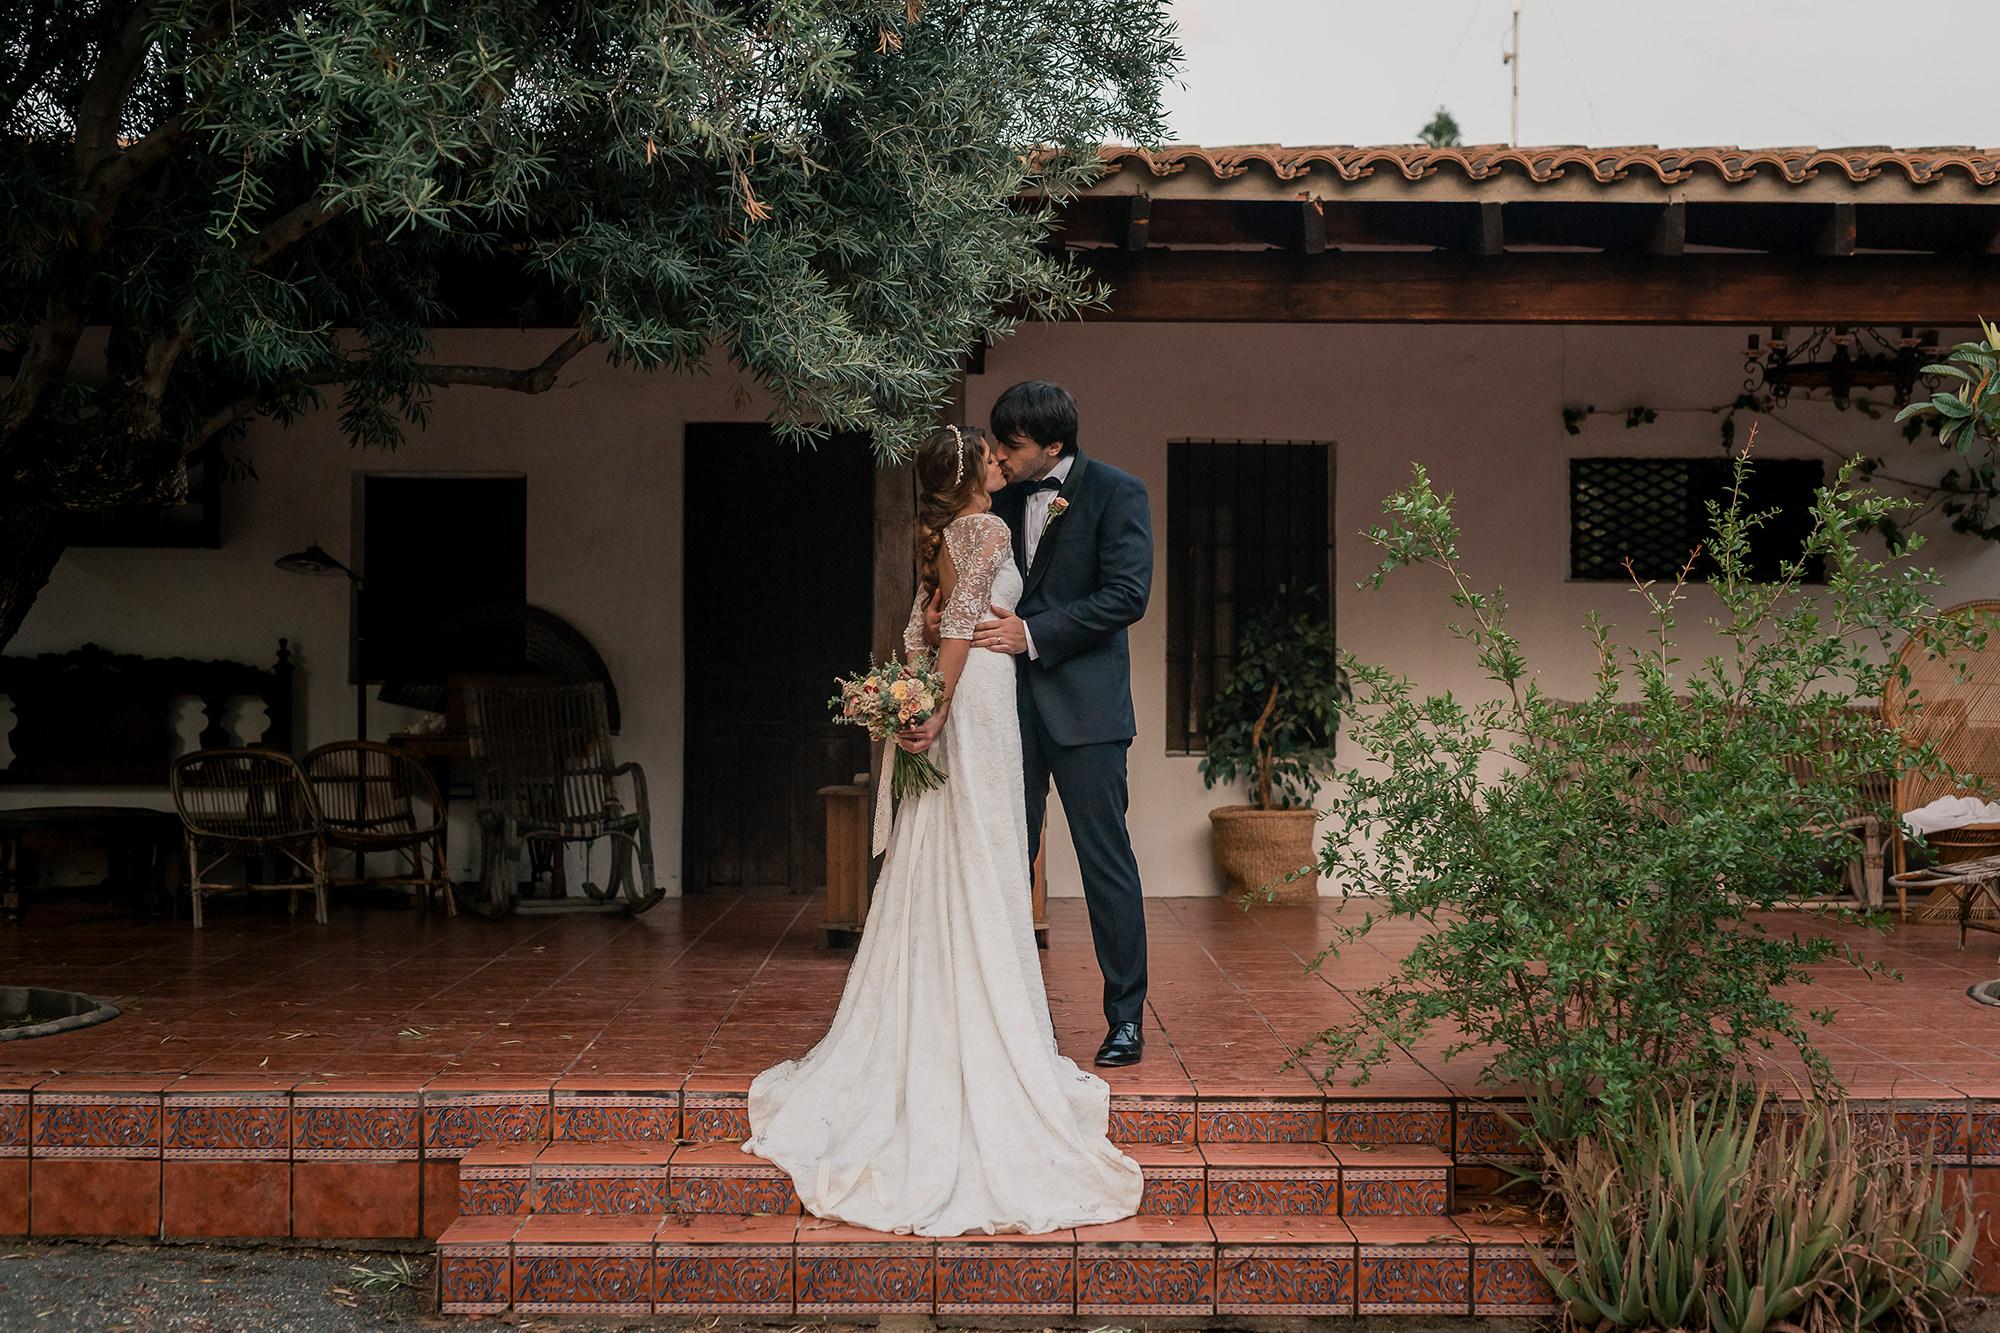 fotografo-de-boda-en-elche-finca-el-cortijo_Victoria-y-Javi